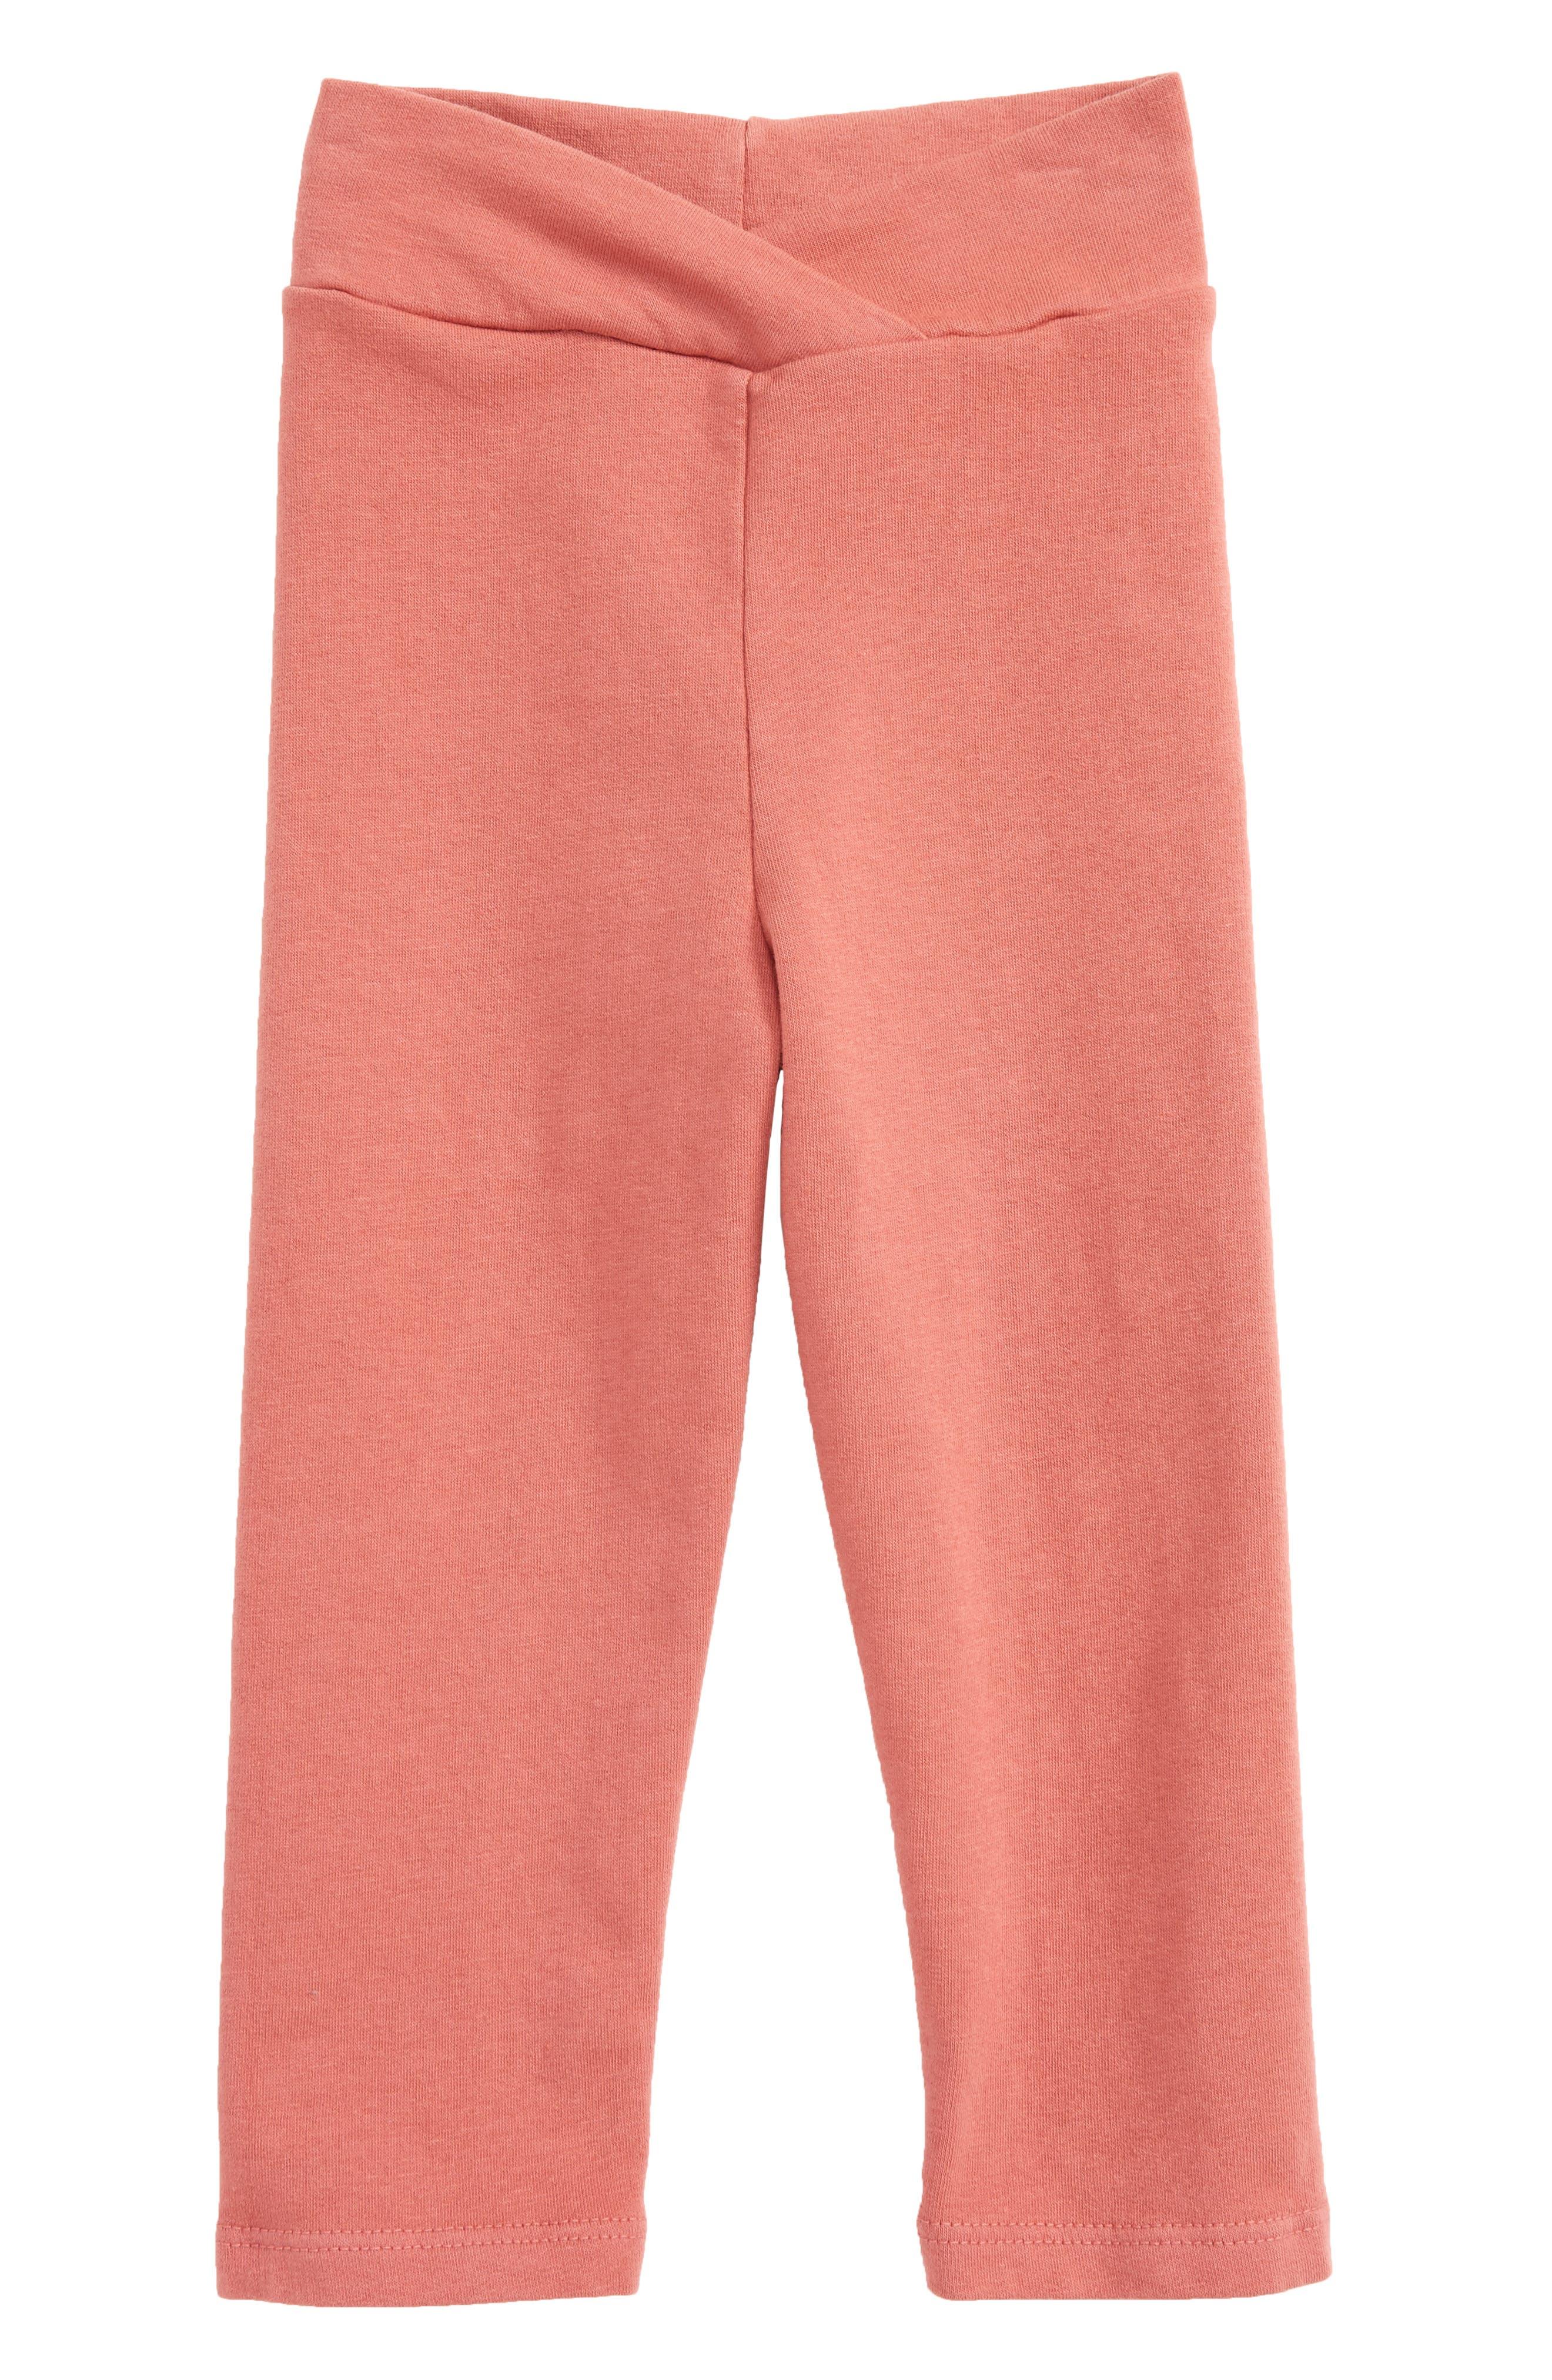 Leggings,                         Main,                         color, Rose